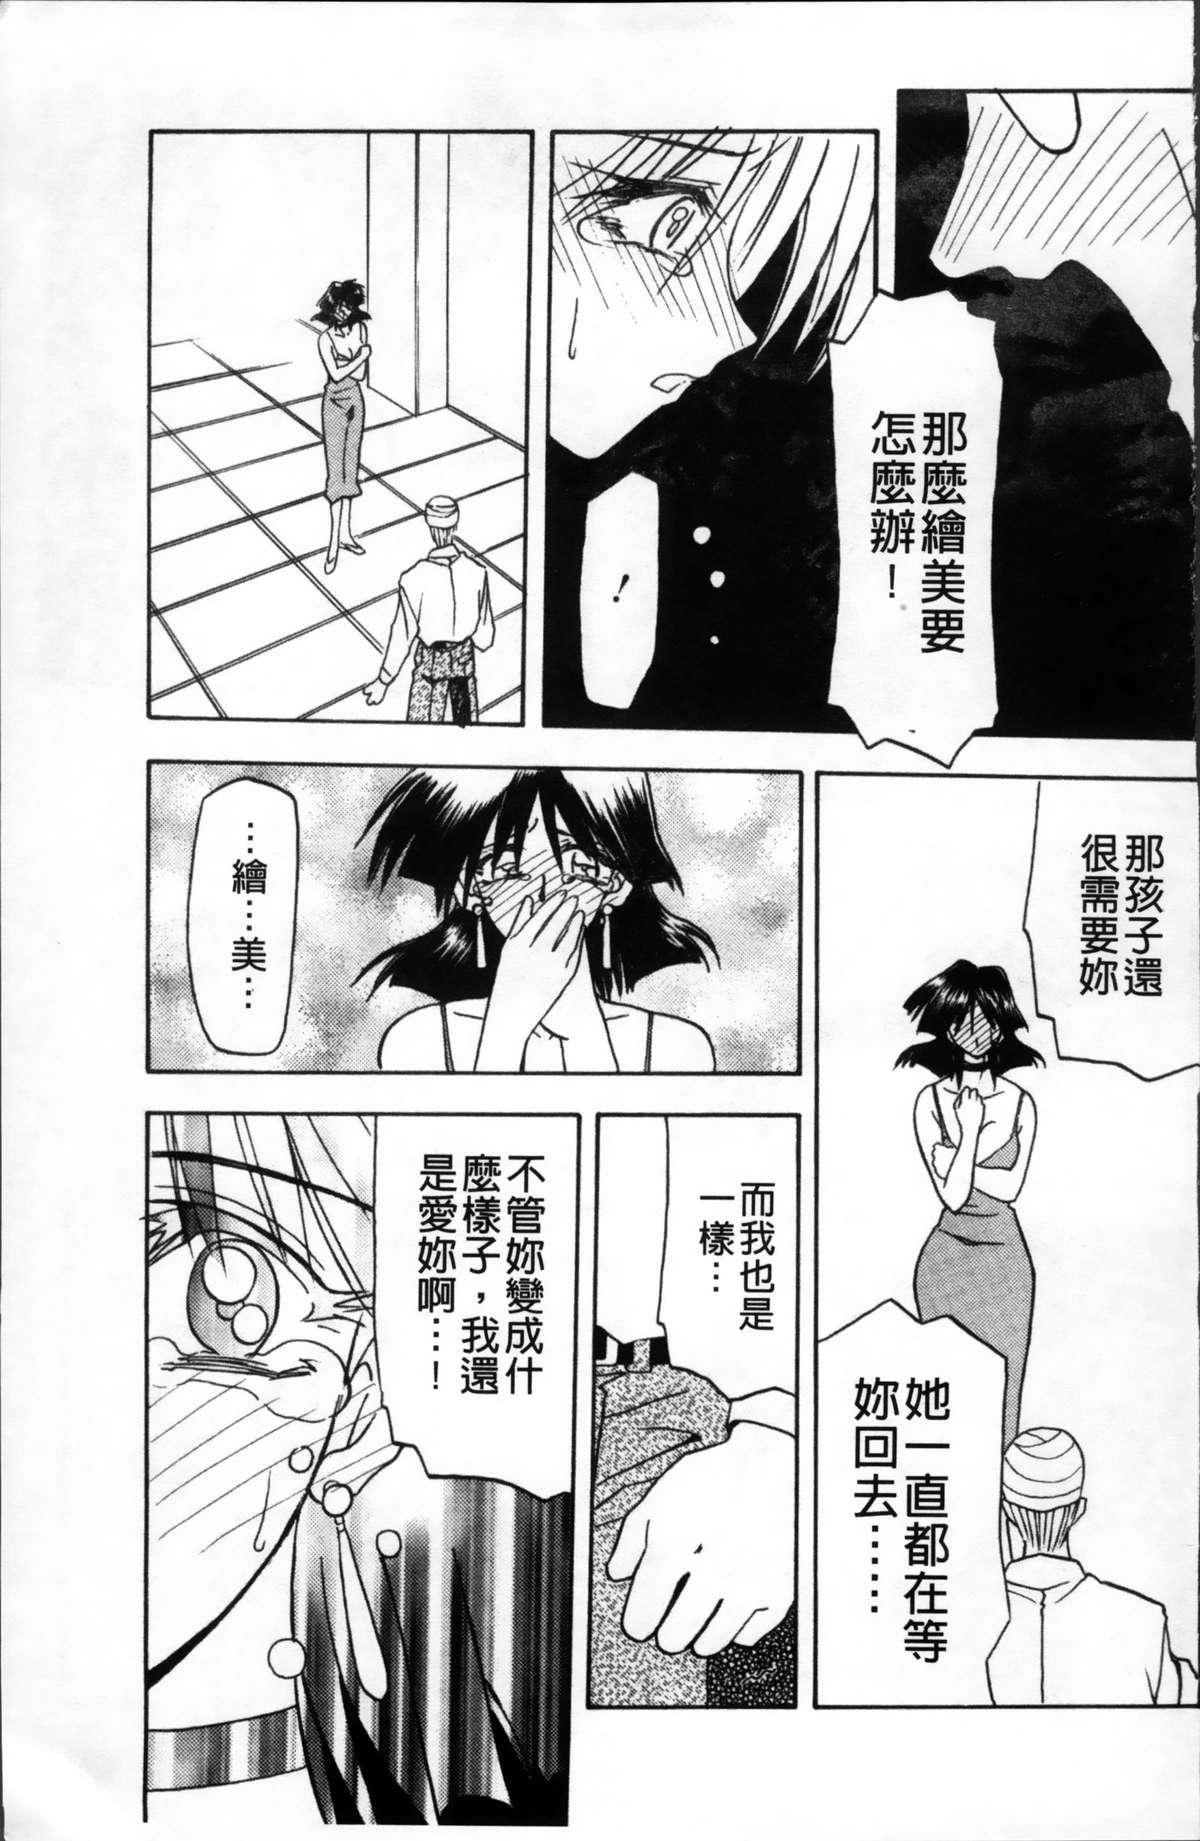 Hiiro no Koku Kanzenban   緋色之刻 完全版 276